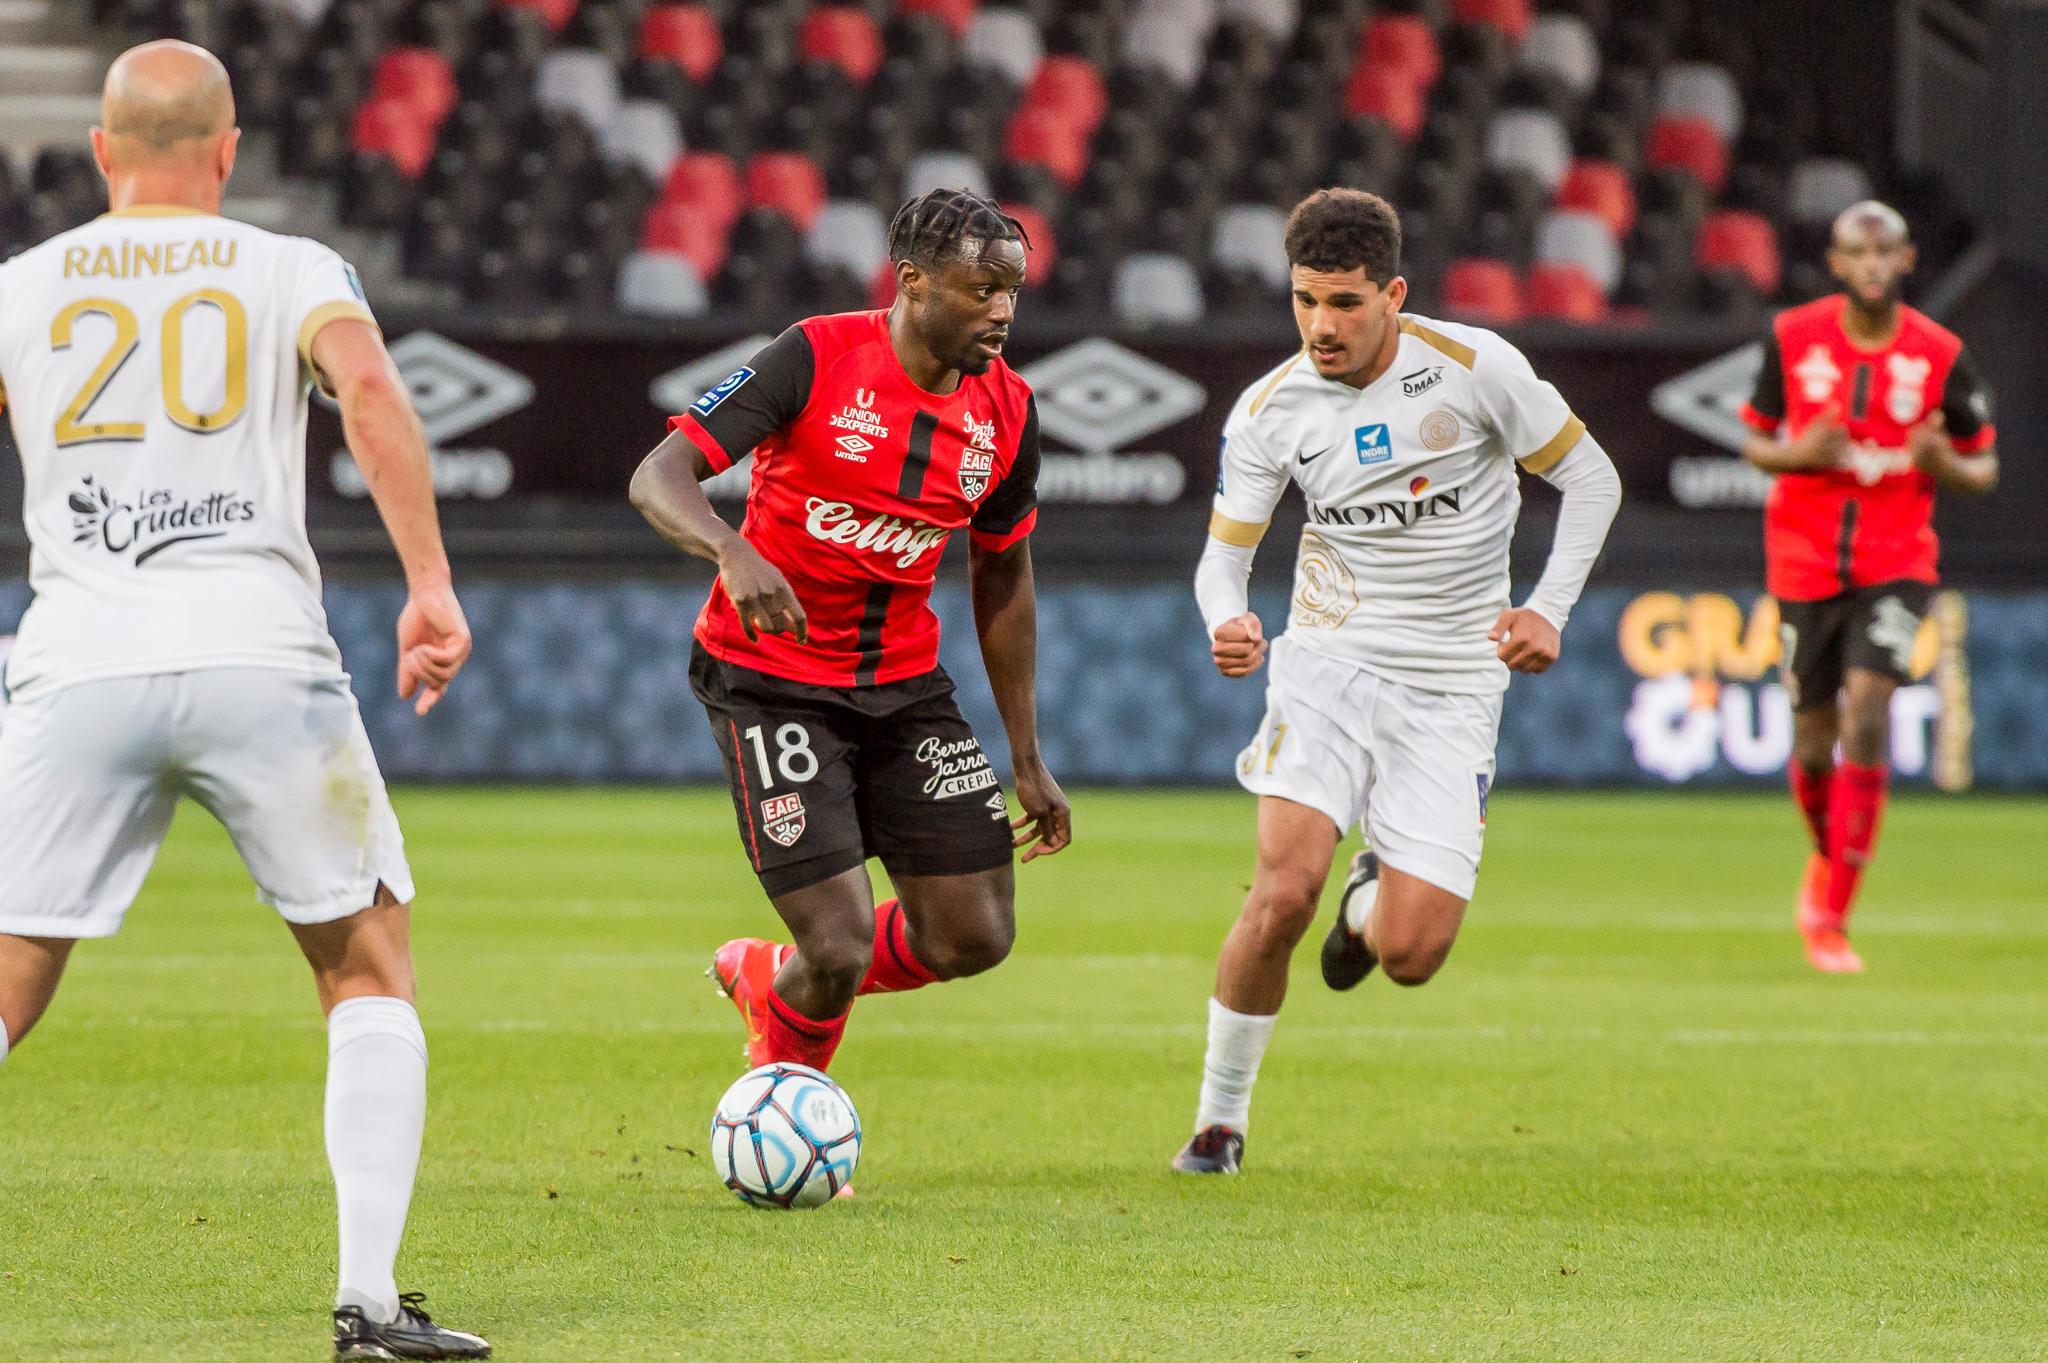 EA Guingamp La Berrichonne Châteauroux J37 Ligue 2 BKT EAGLBC 2-0 Stade de Roudourou FRA_5731